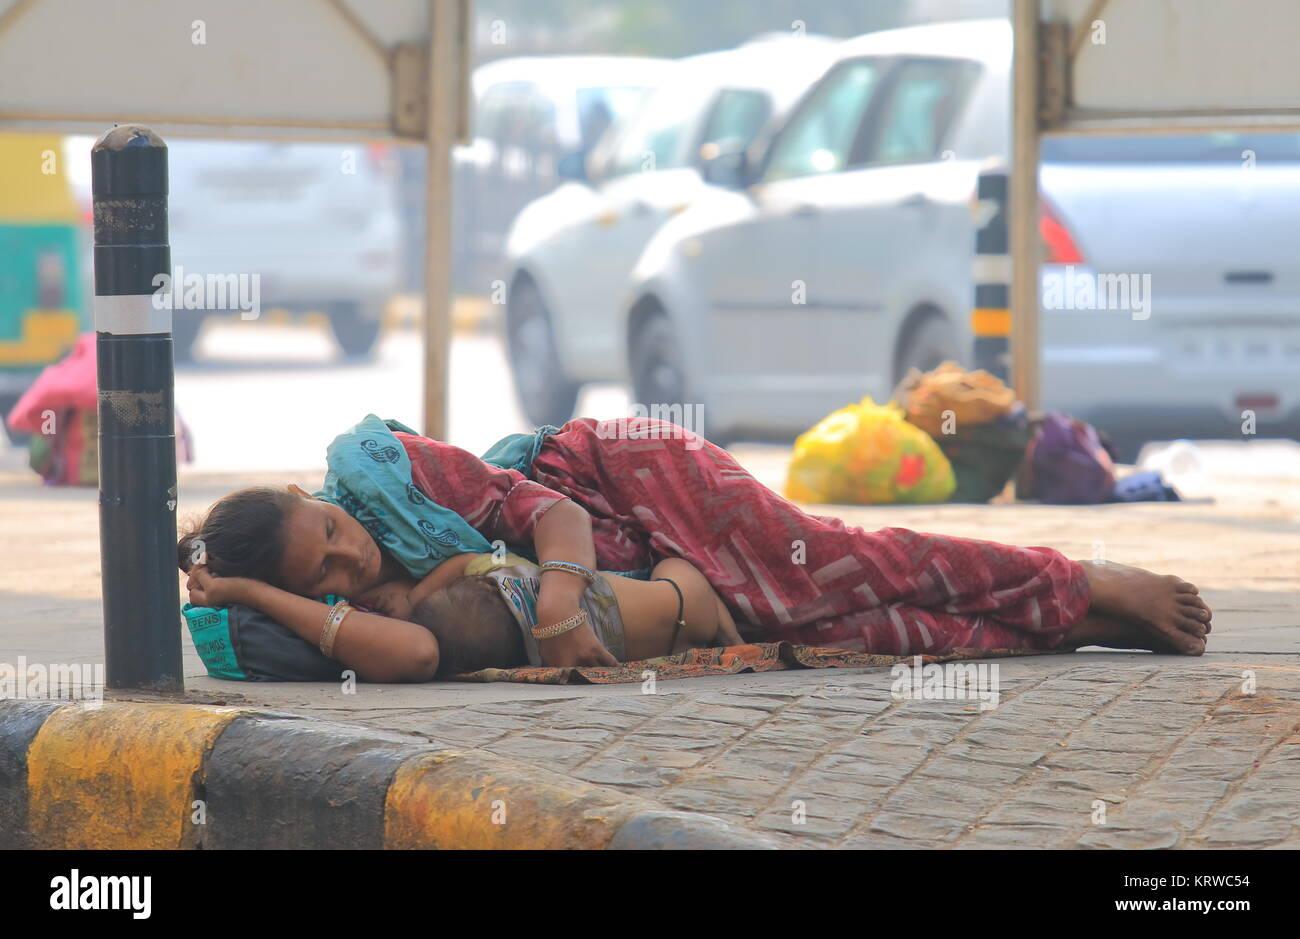 Donna indiana coccolare un bambino e dormire per strada nel centro cittadino di Nuova Delhi India Immagini Stock